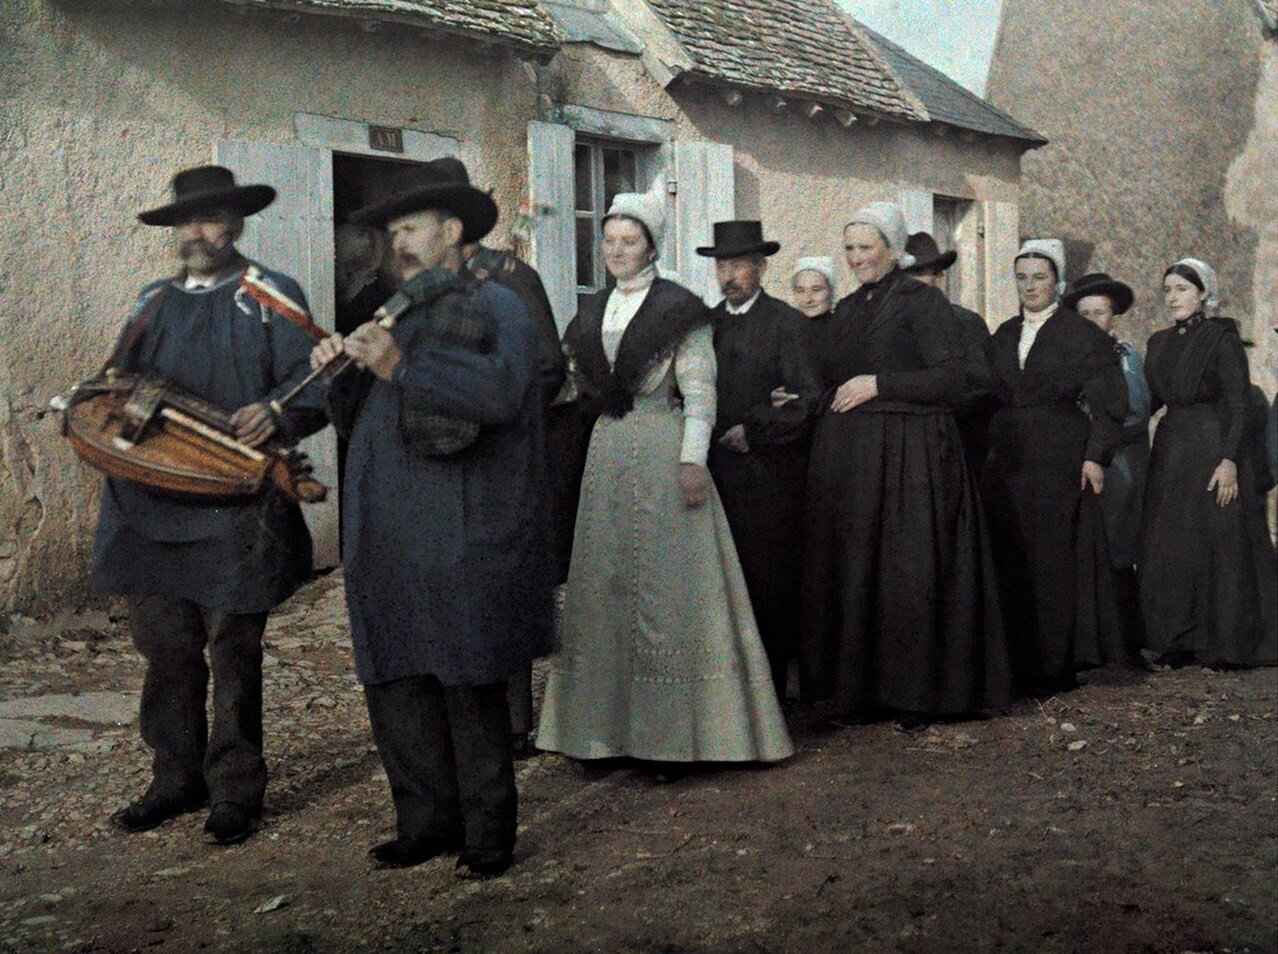 1924. Франция. Свадебная процессия в городке Берри